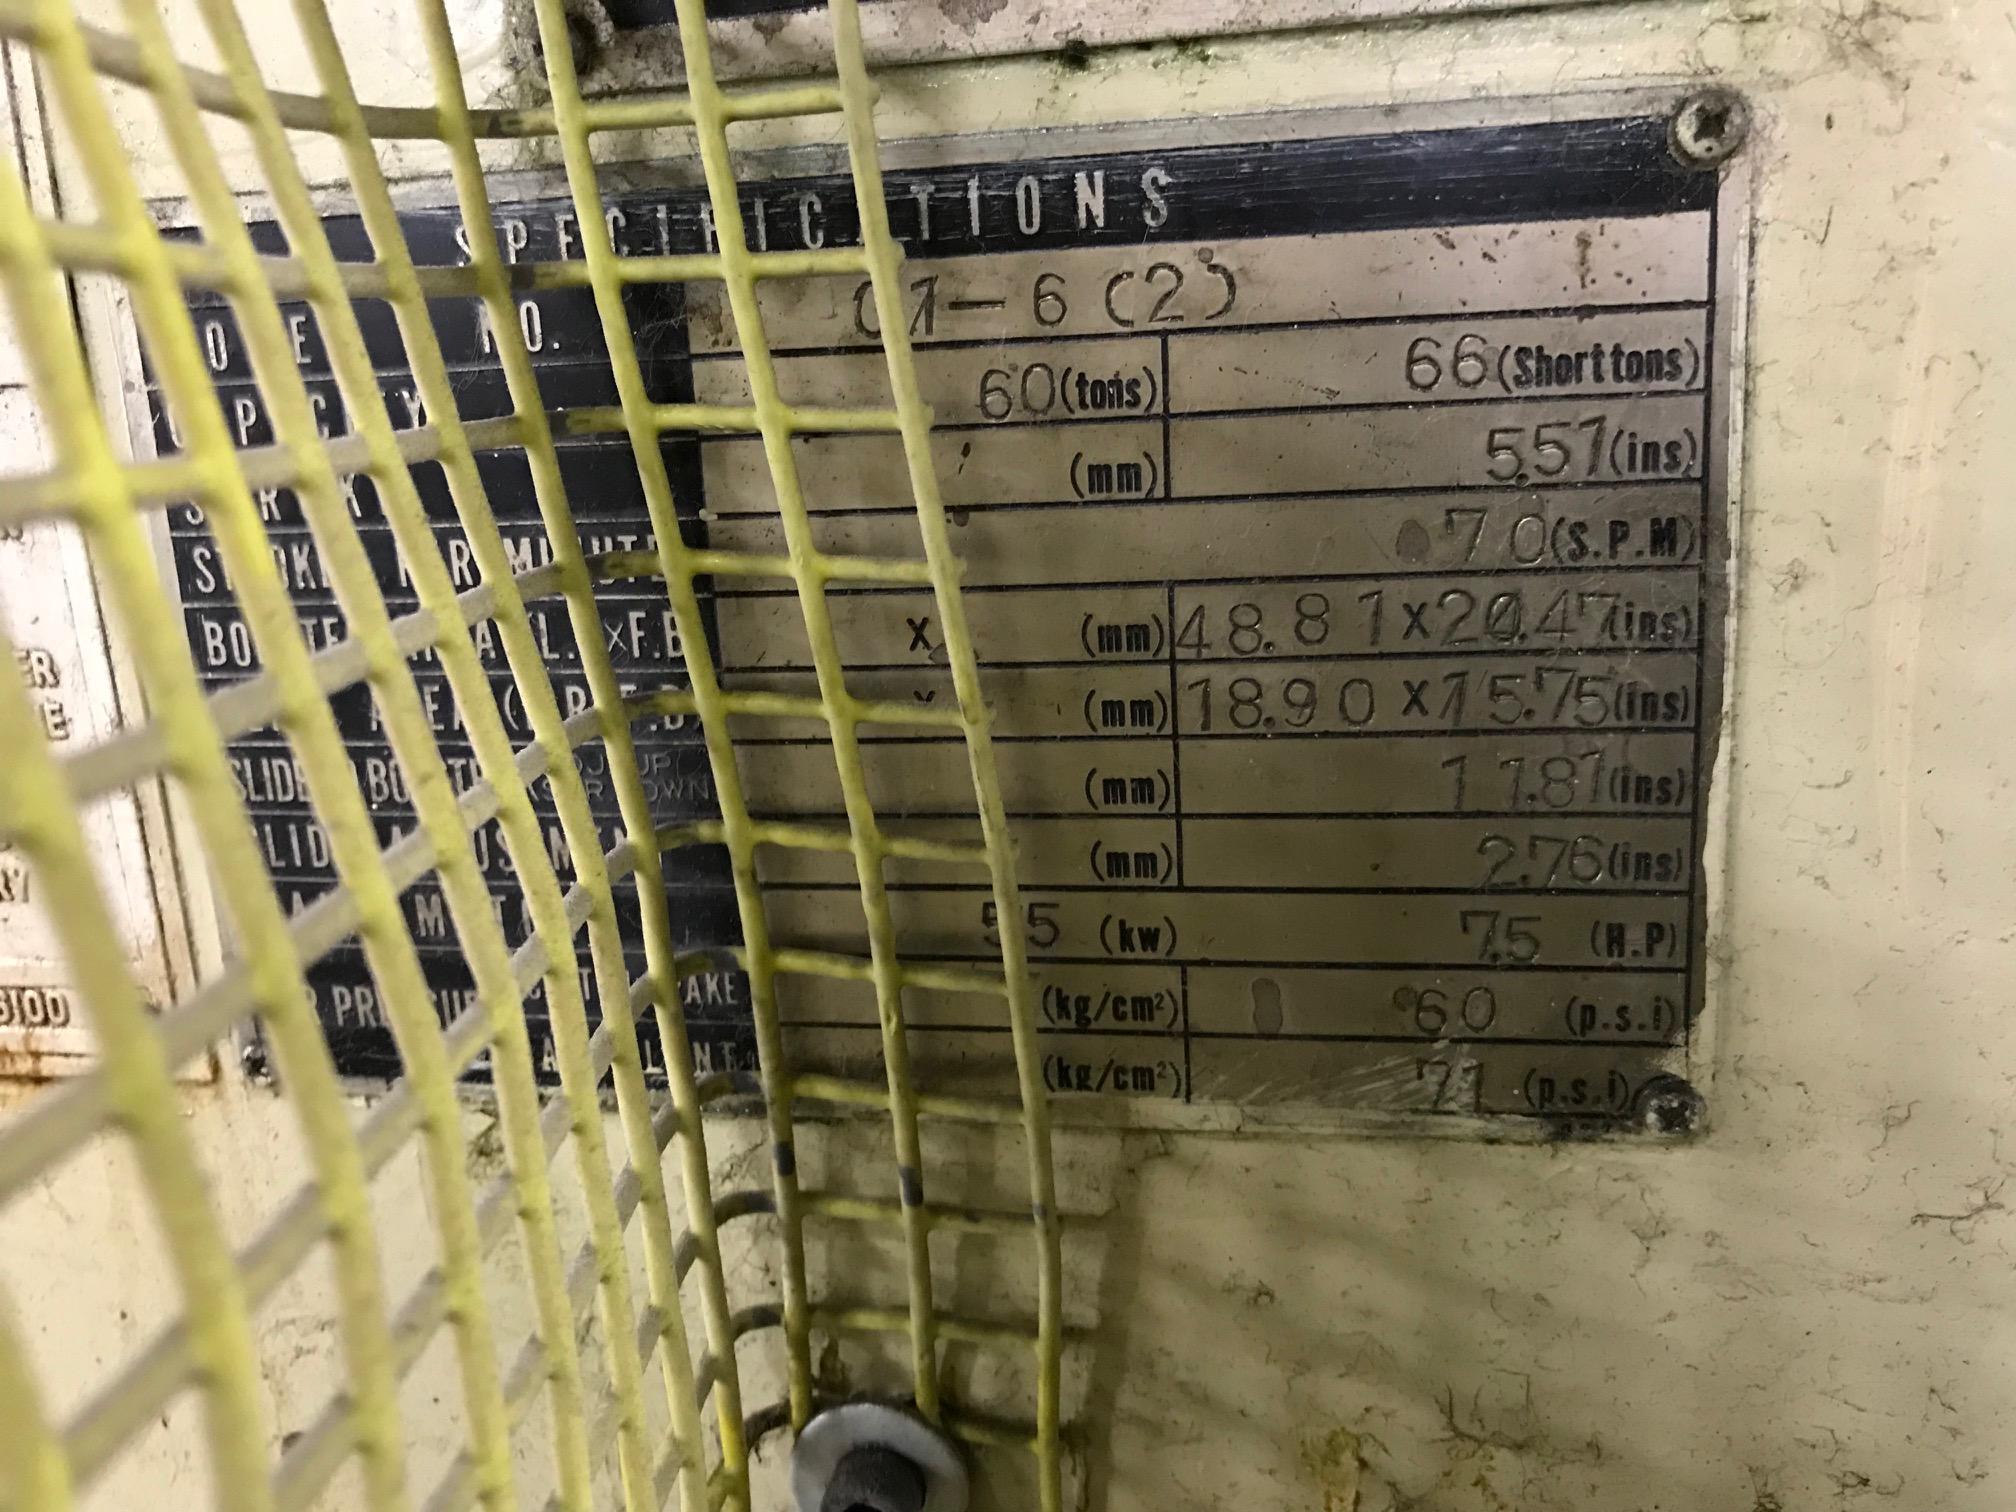 Aida 60 ton press 4